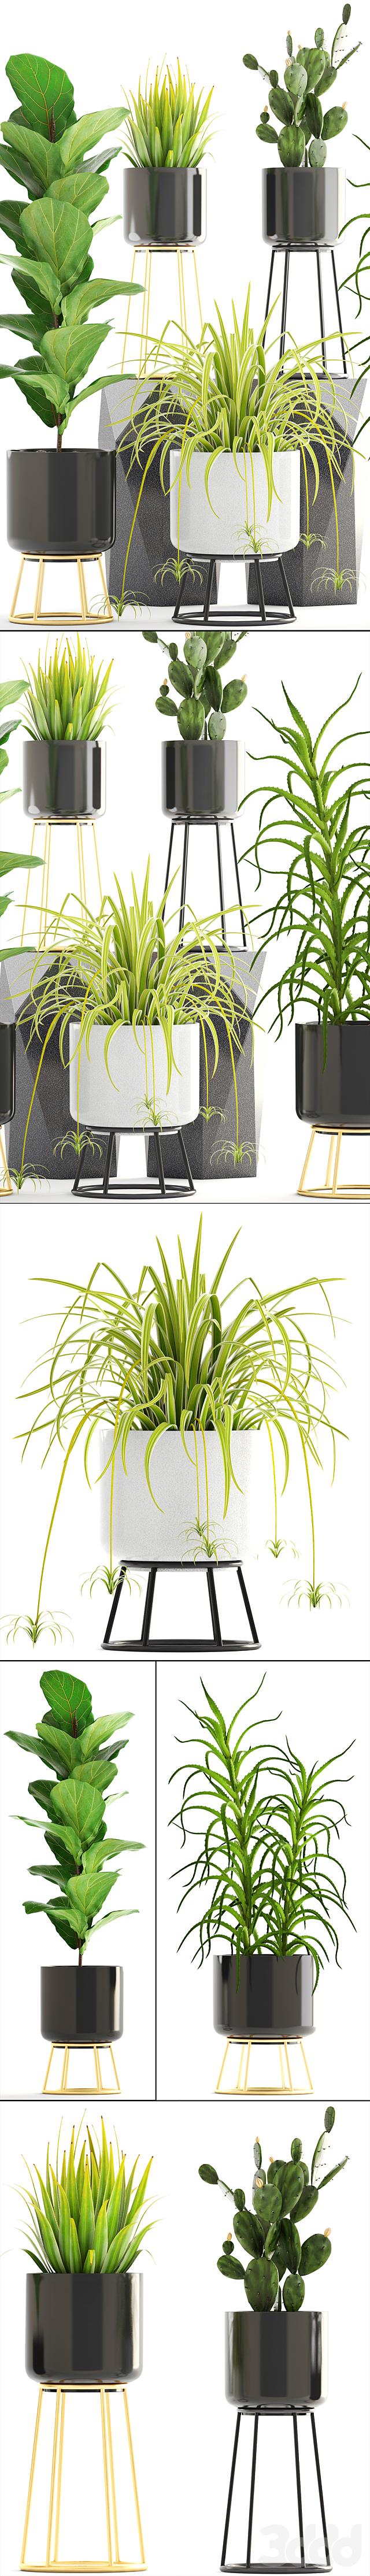 Коллекция растений 180.